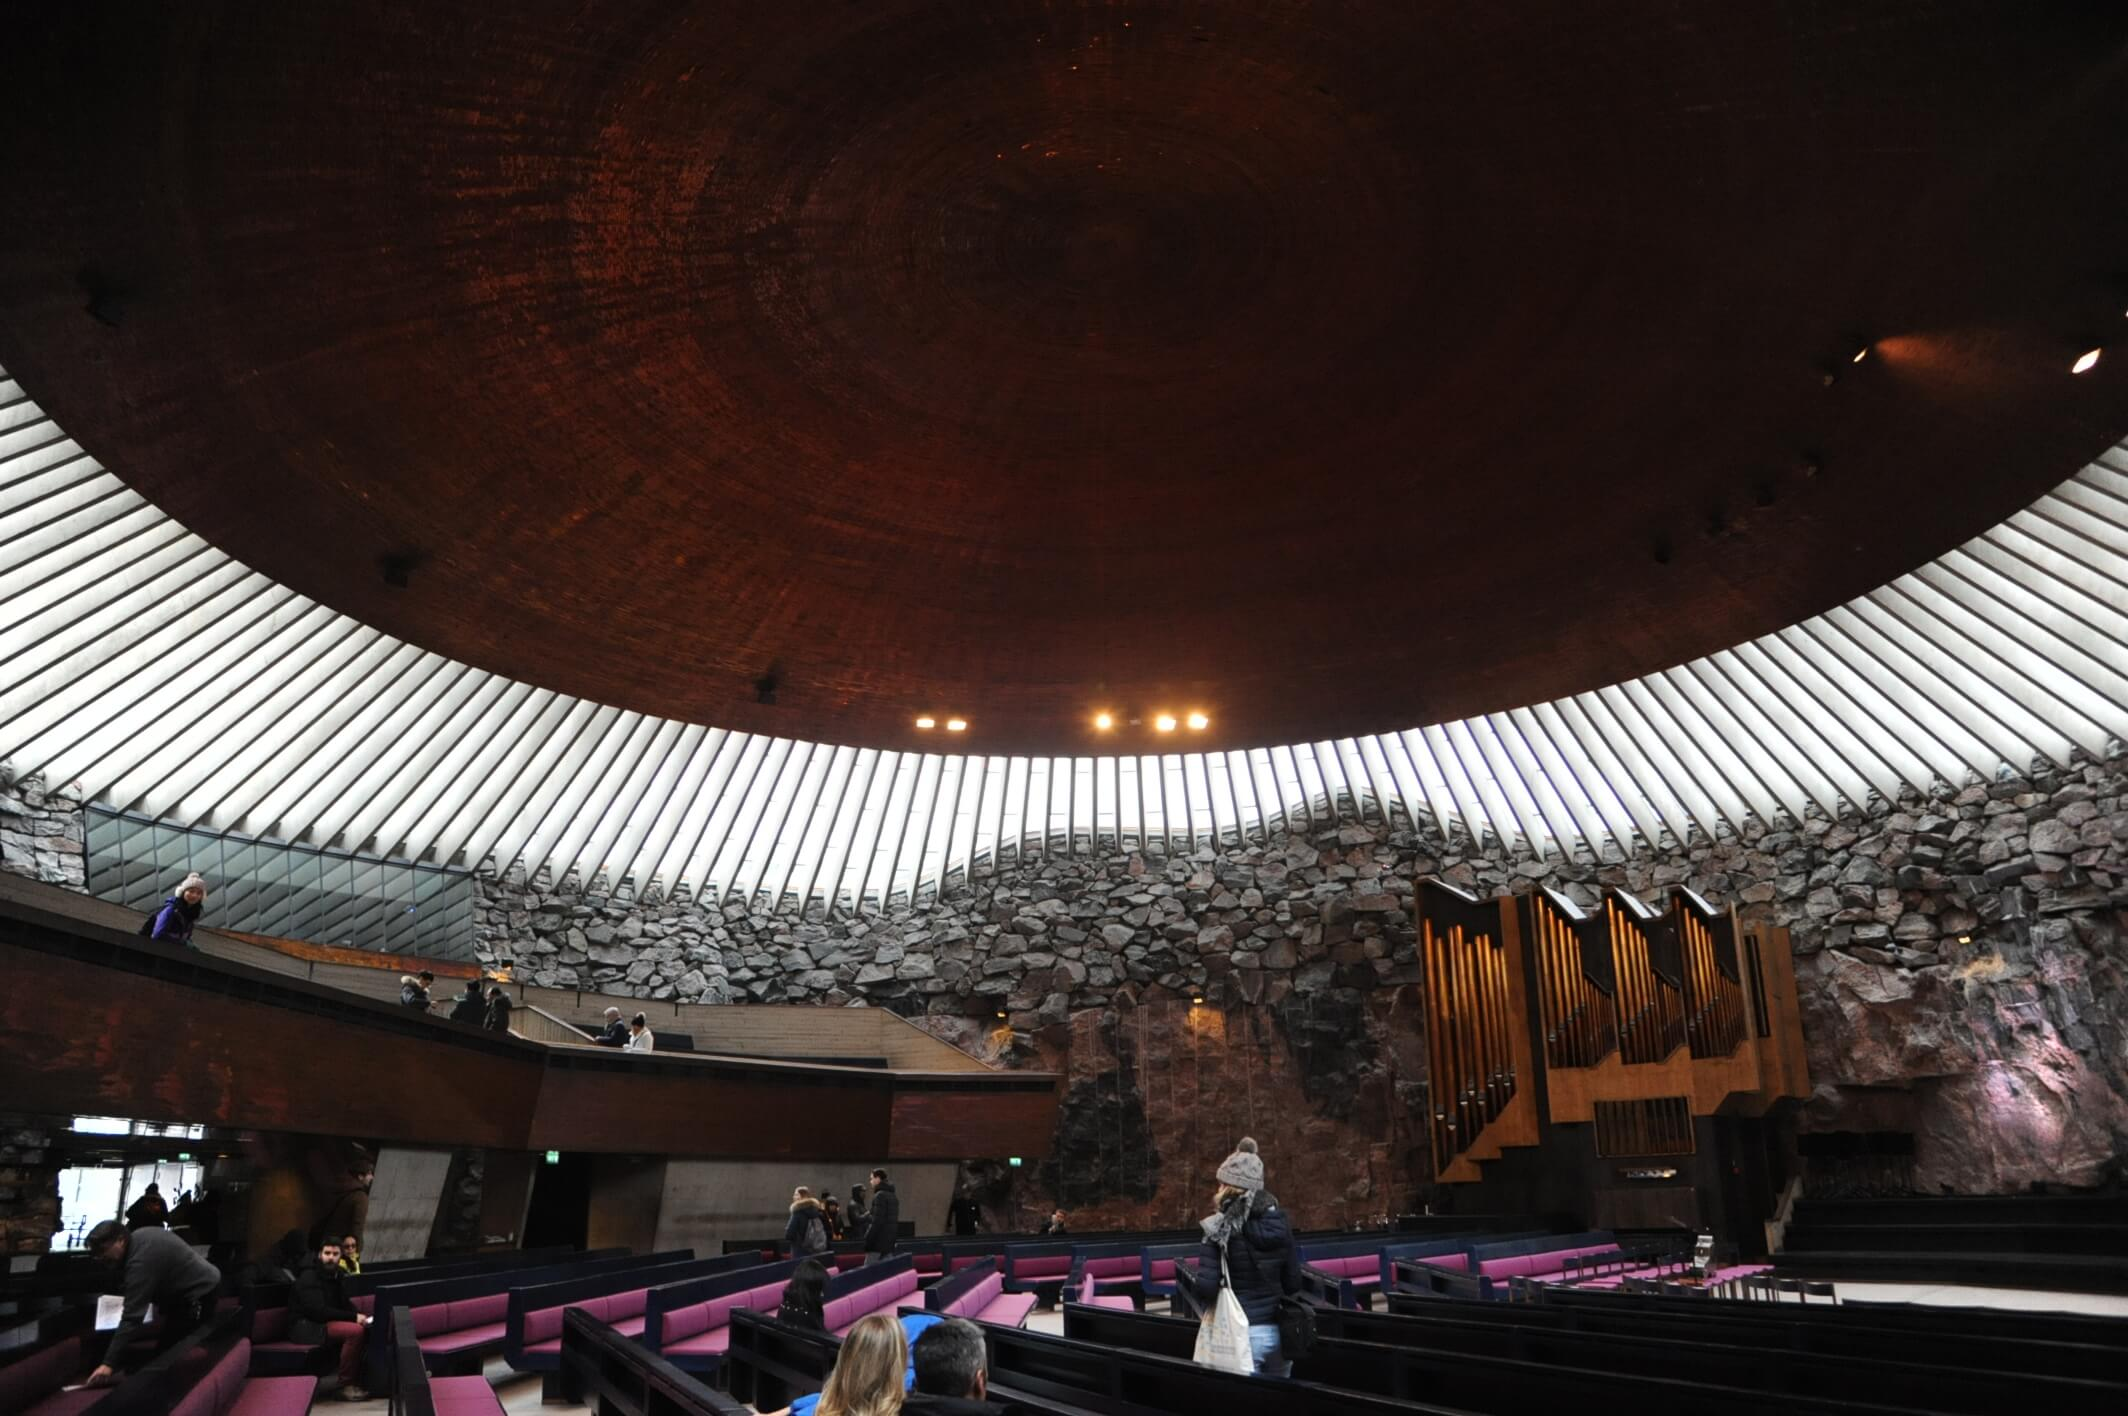 テンペリアウキオ教会の内部。天井のドームは銅でできている